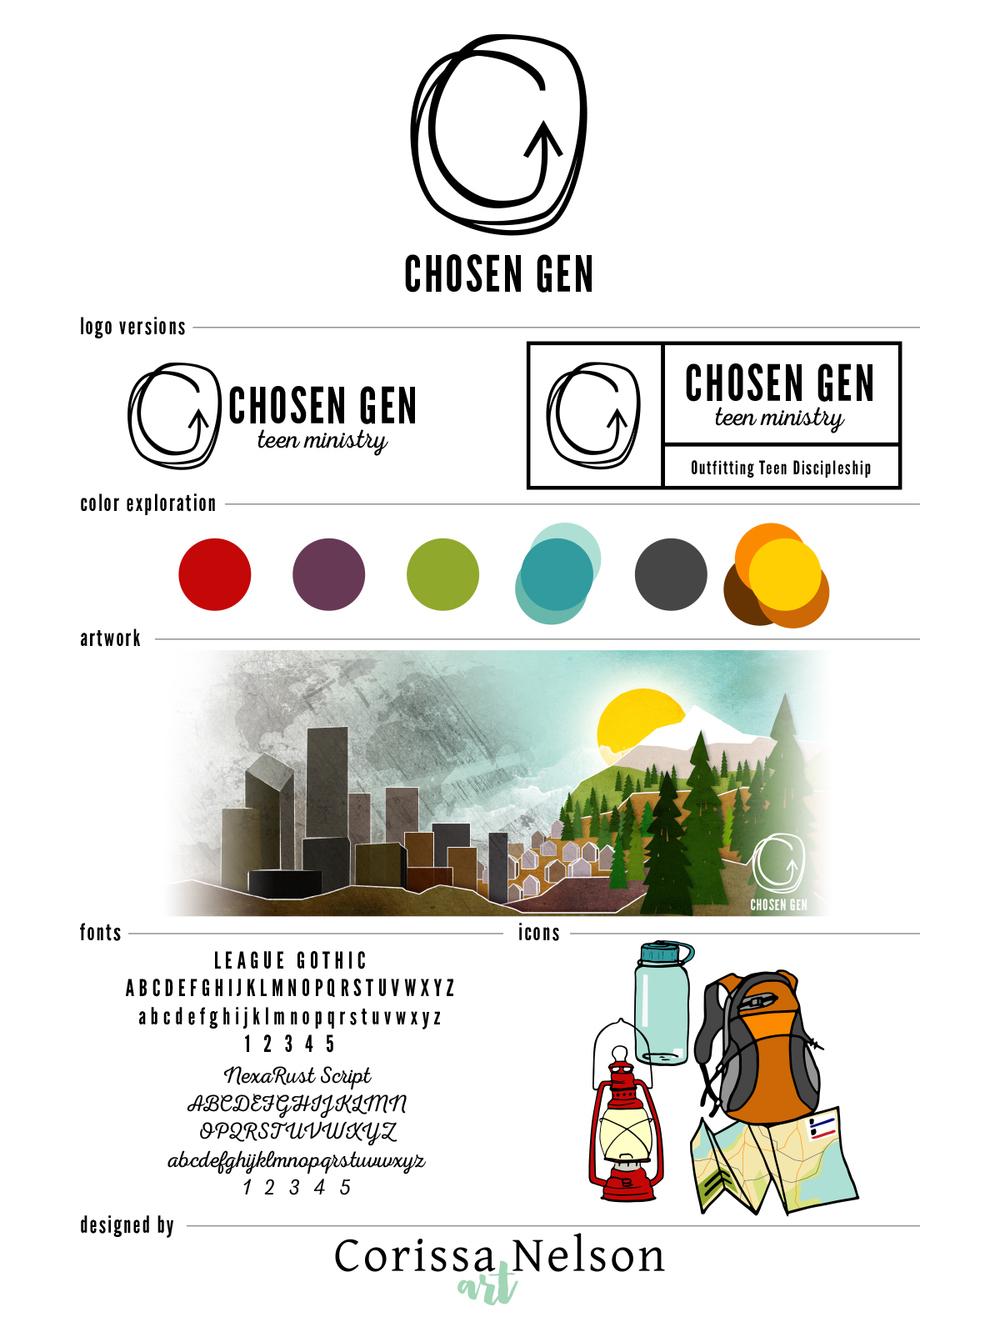 chosen gen portfolio